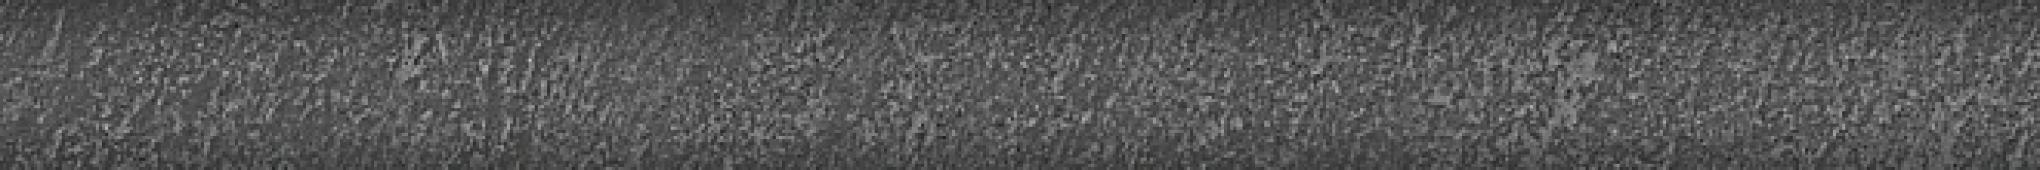 Бордюр Гренель серый темный обрезной 30*2,5